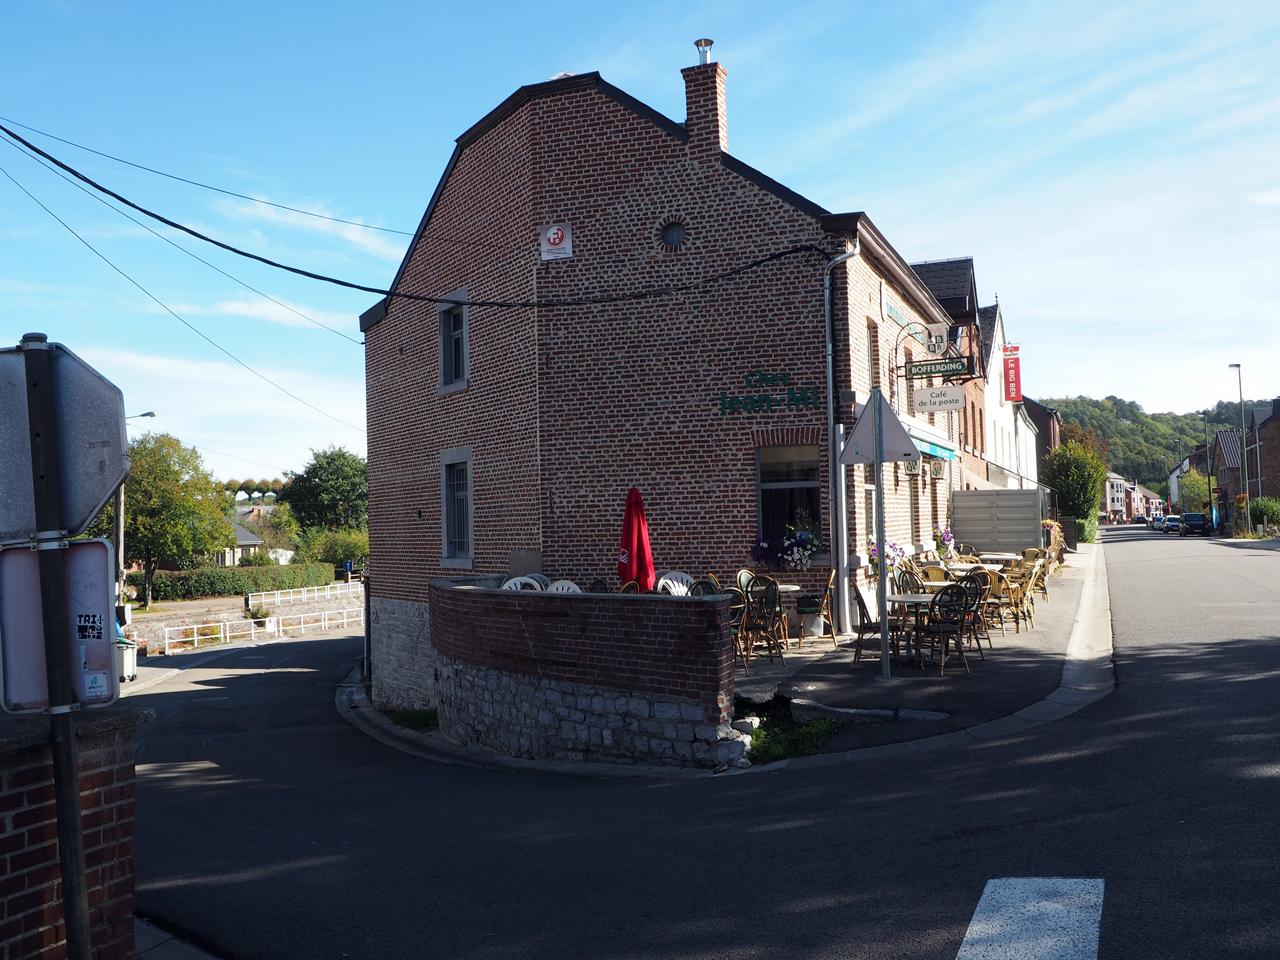 voor het café linksaf naar de Aisne